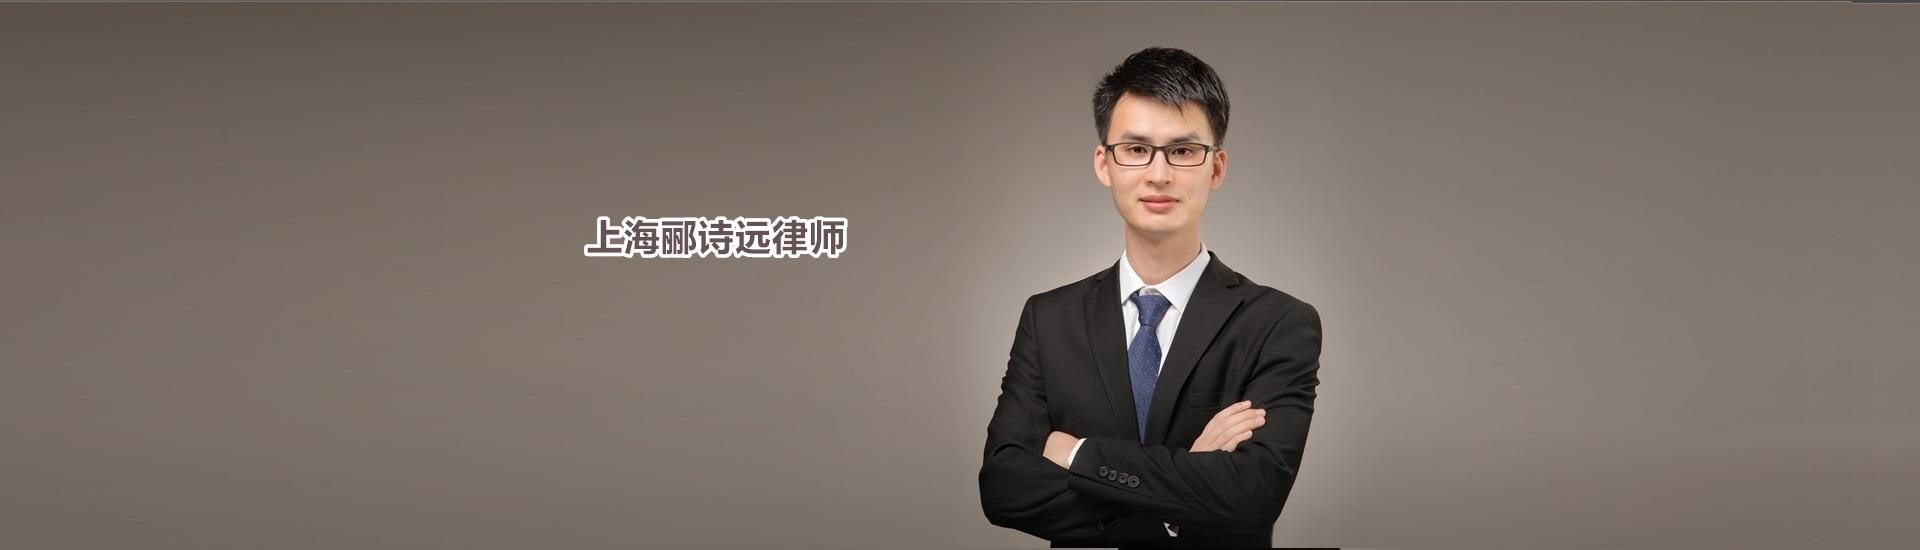 上海宝山律师111